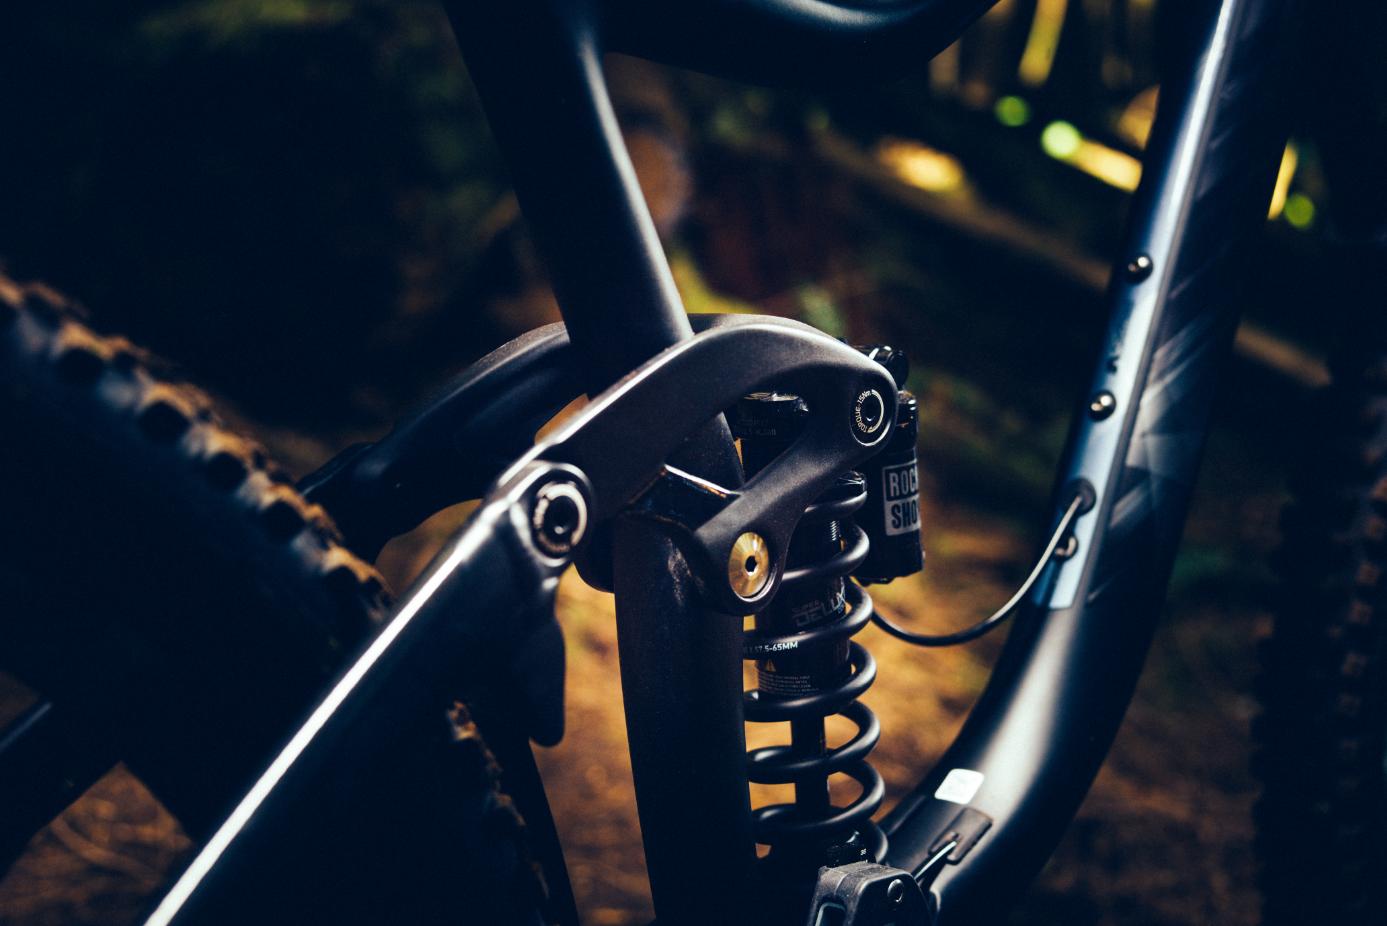 Giant Reign 2018 - perfektes Rad für die Enduro-Strecke?